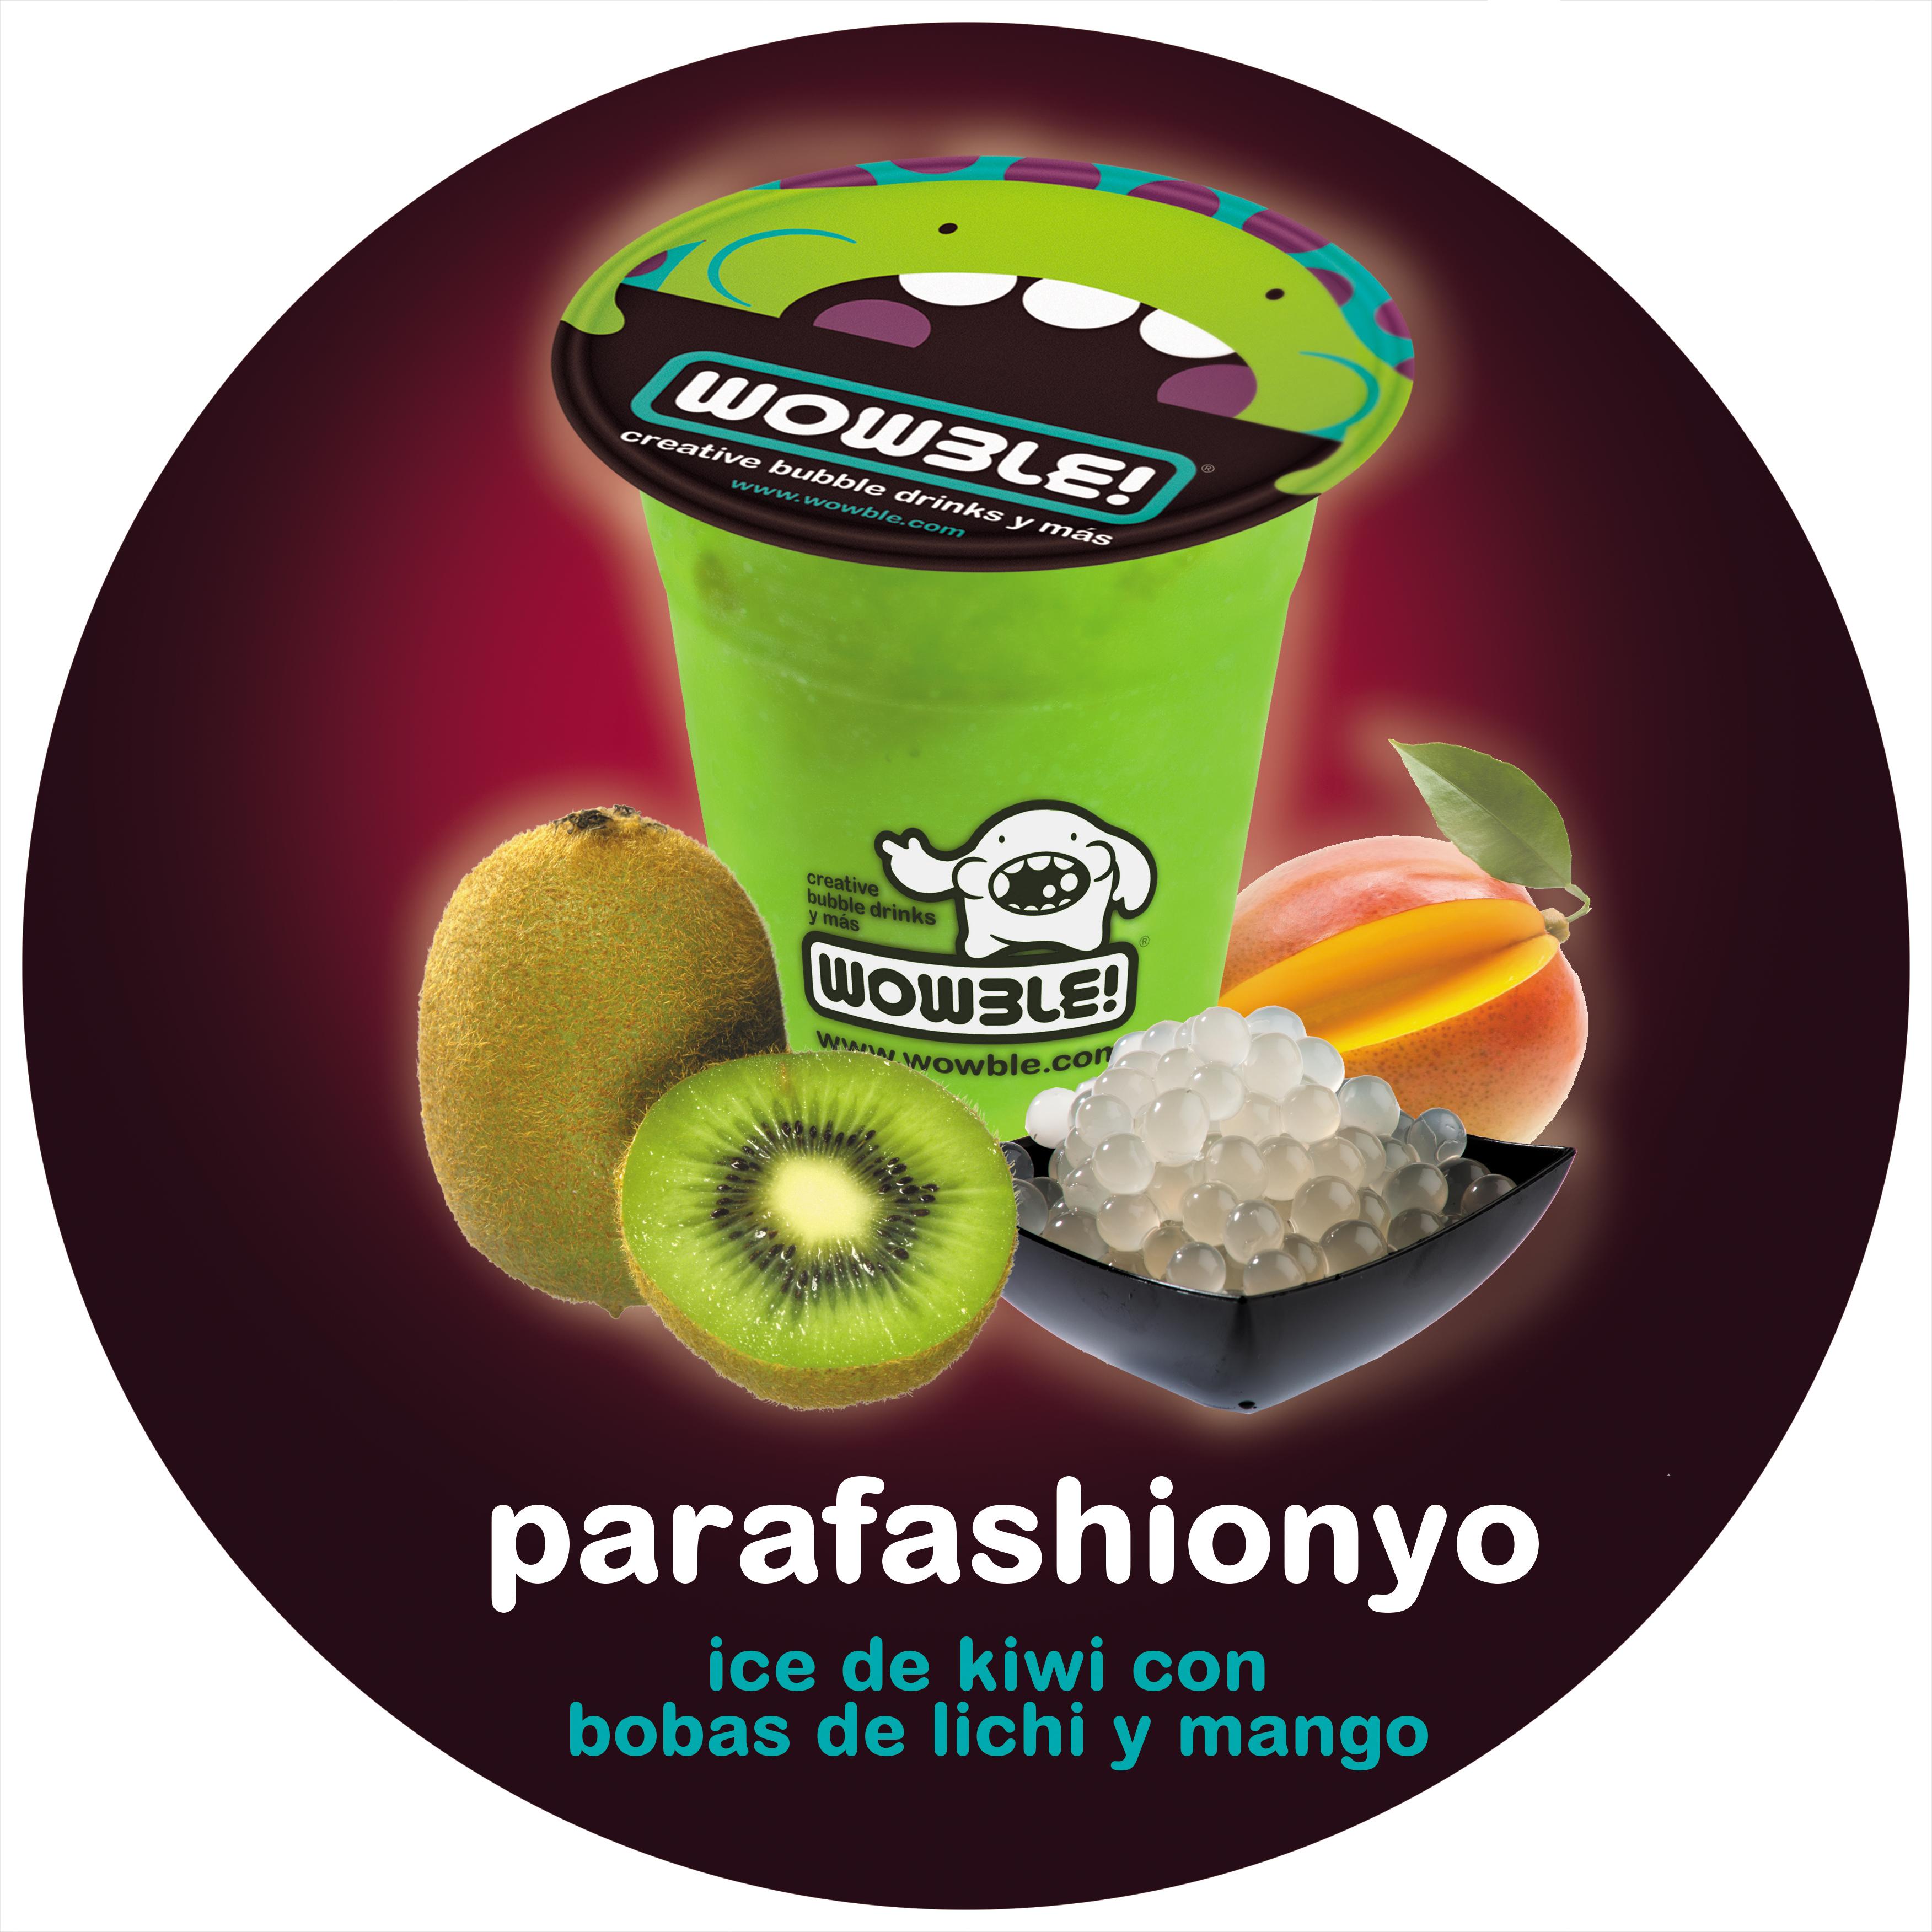 parafashionyo